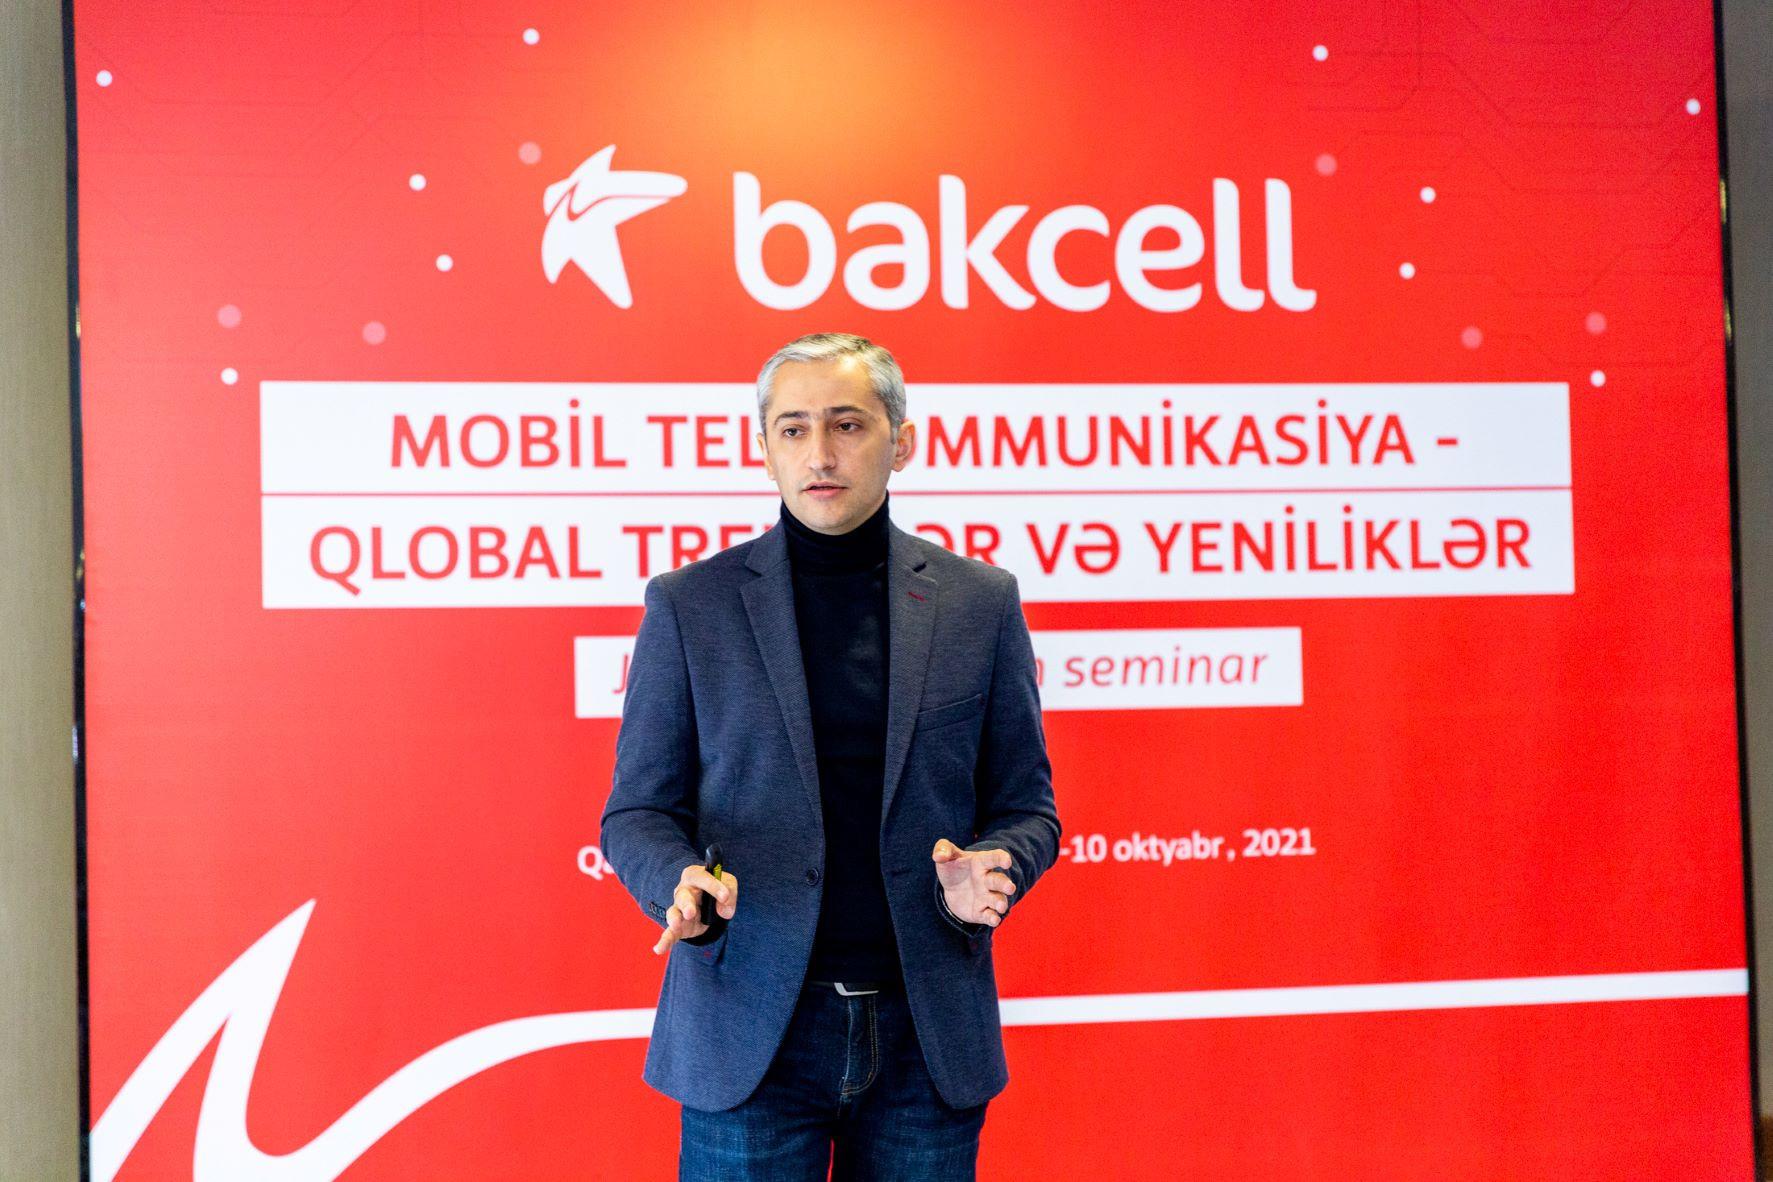 """""""Bakcell"""" jurnalistləri mobil telekommunikasiya sahəsinin son trend və yenilikləri ilə tanış edib - FOTO"""